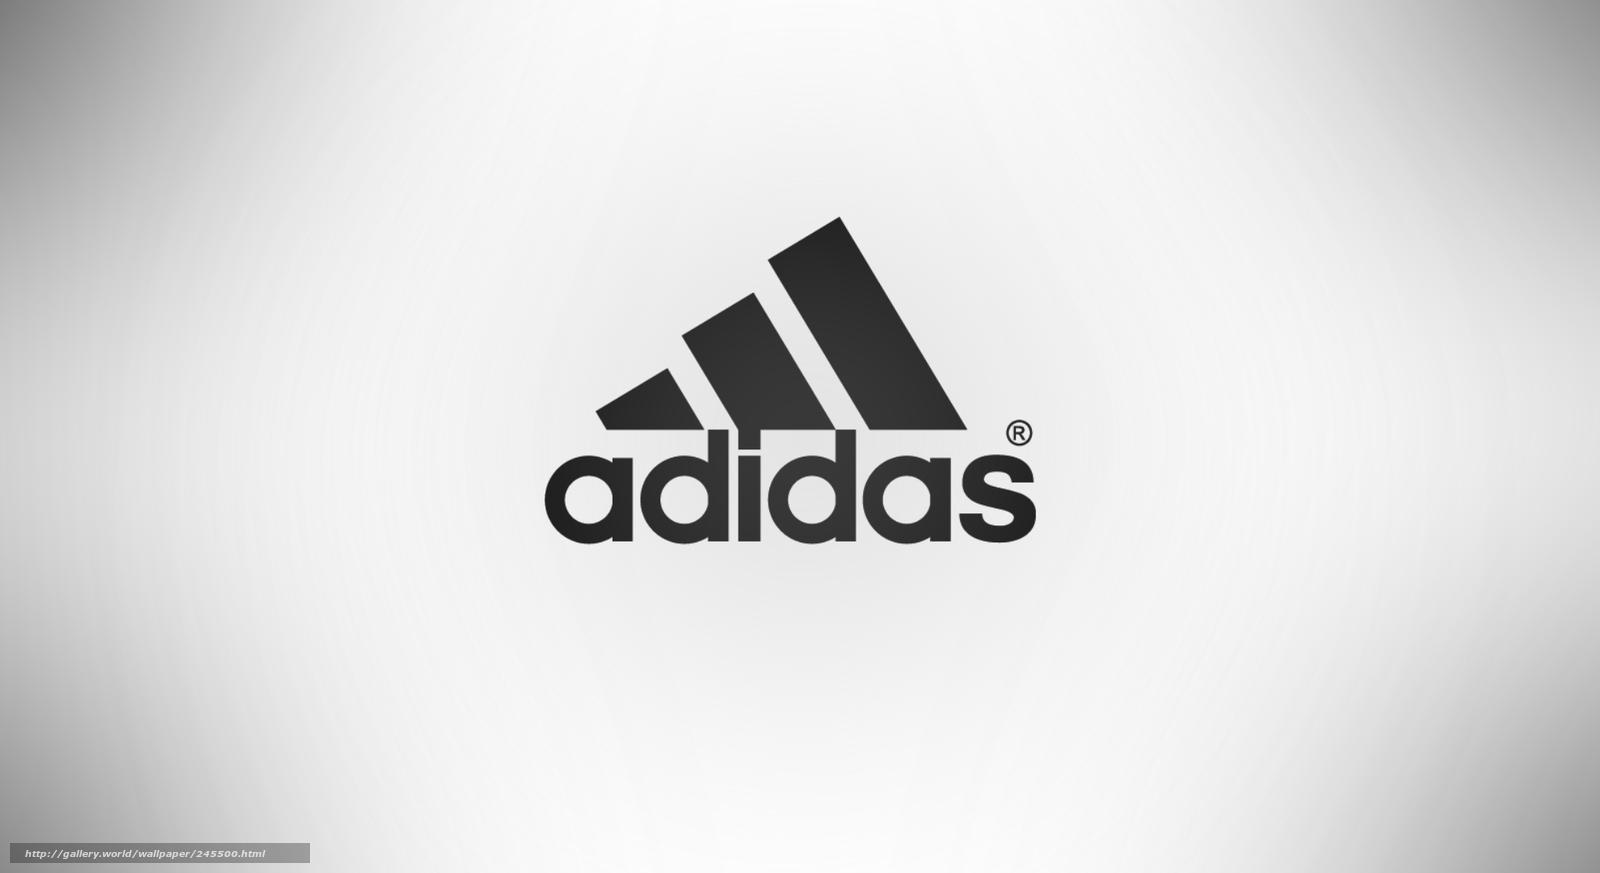 Скачать на телефон обои фото картинку на тему адидас, беый фон, фирма, спорт, товары, adidas, разширение 1980x1080